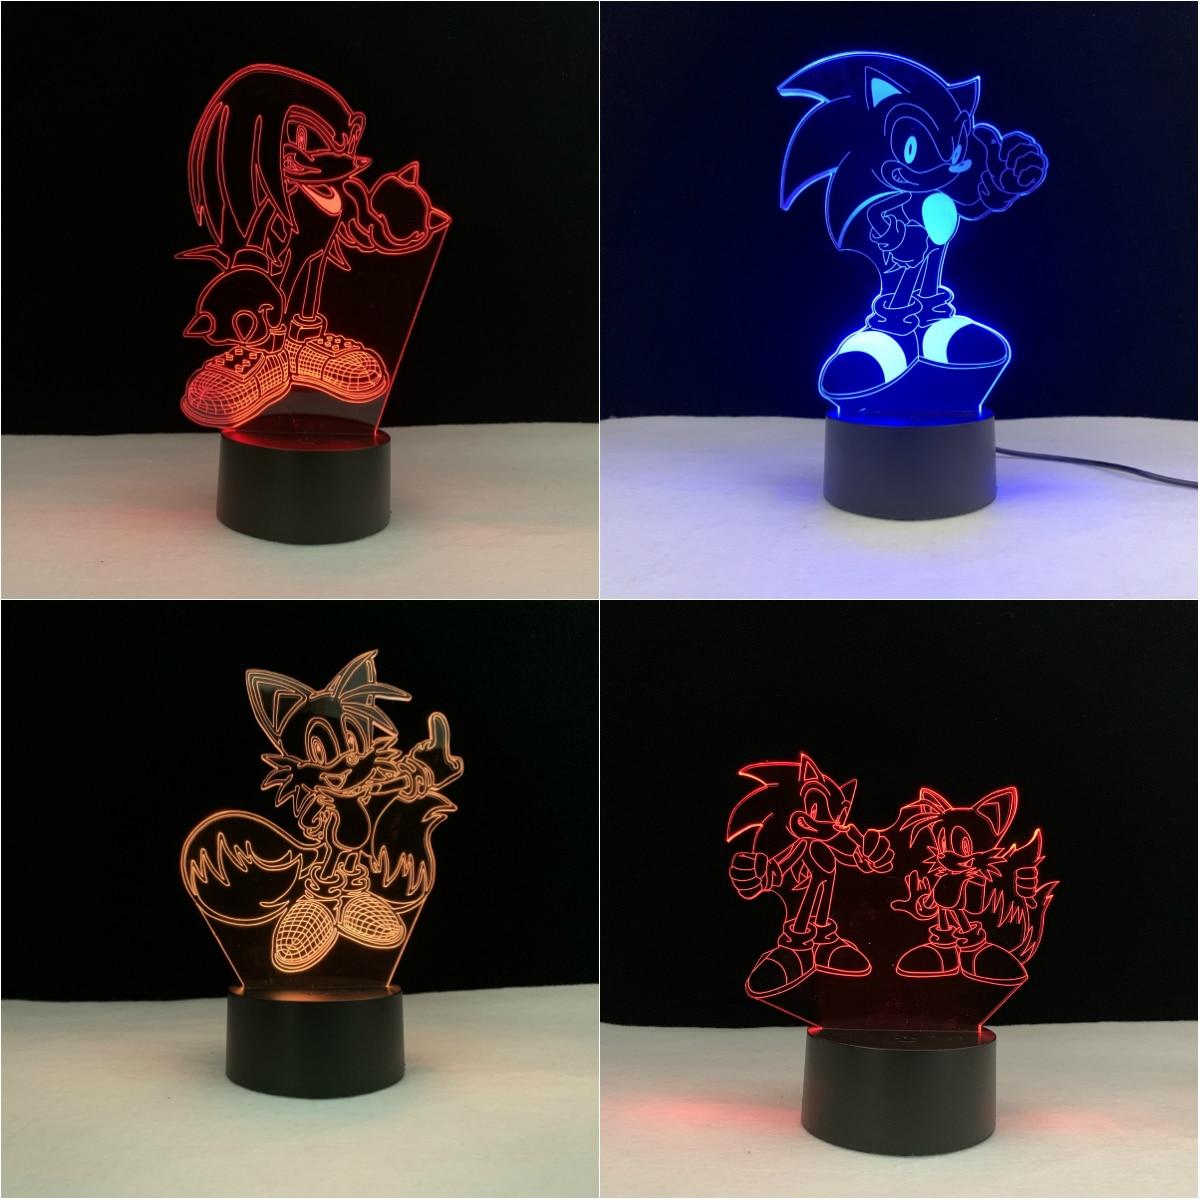 Jeu de dessin animé queues soniques knuckle lampe 3D éclairage LED USB humeur veilleuse enfant jouet multicolore Luminaria cadeau de noël enfants